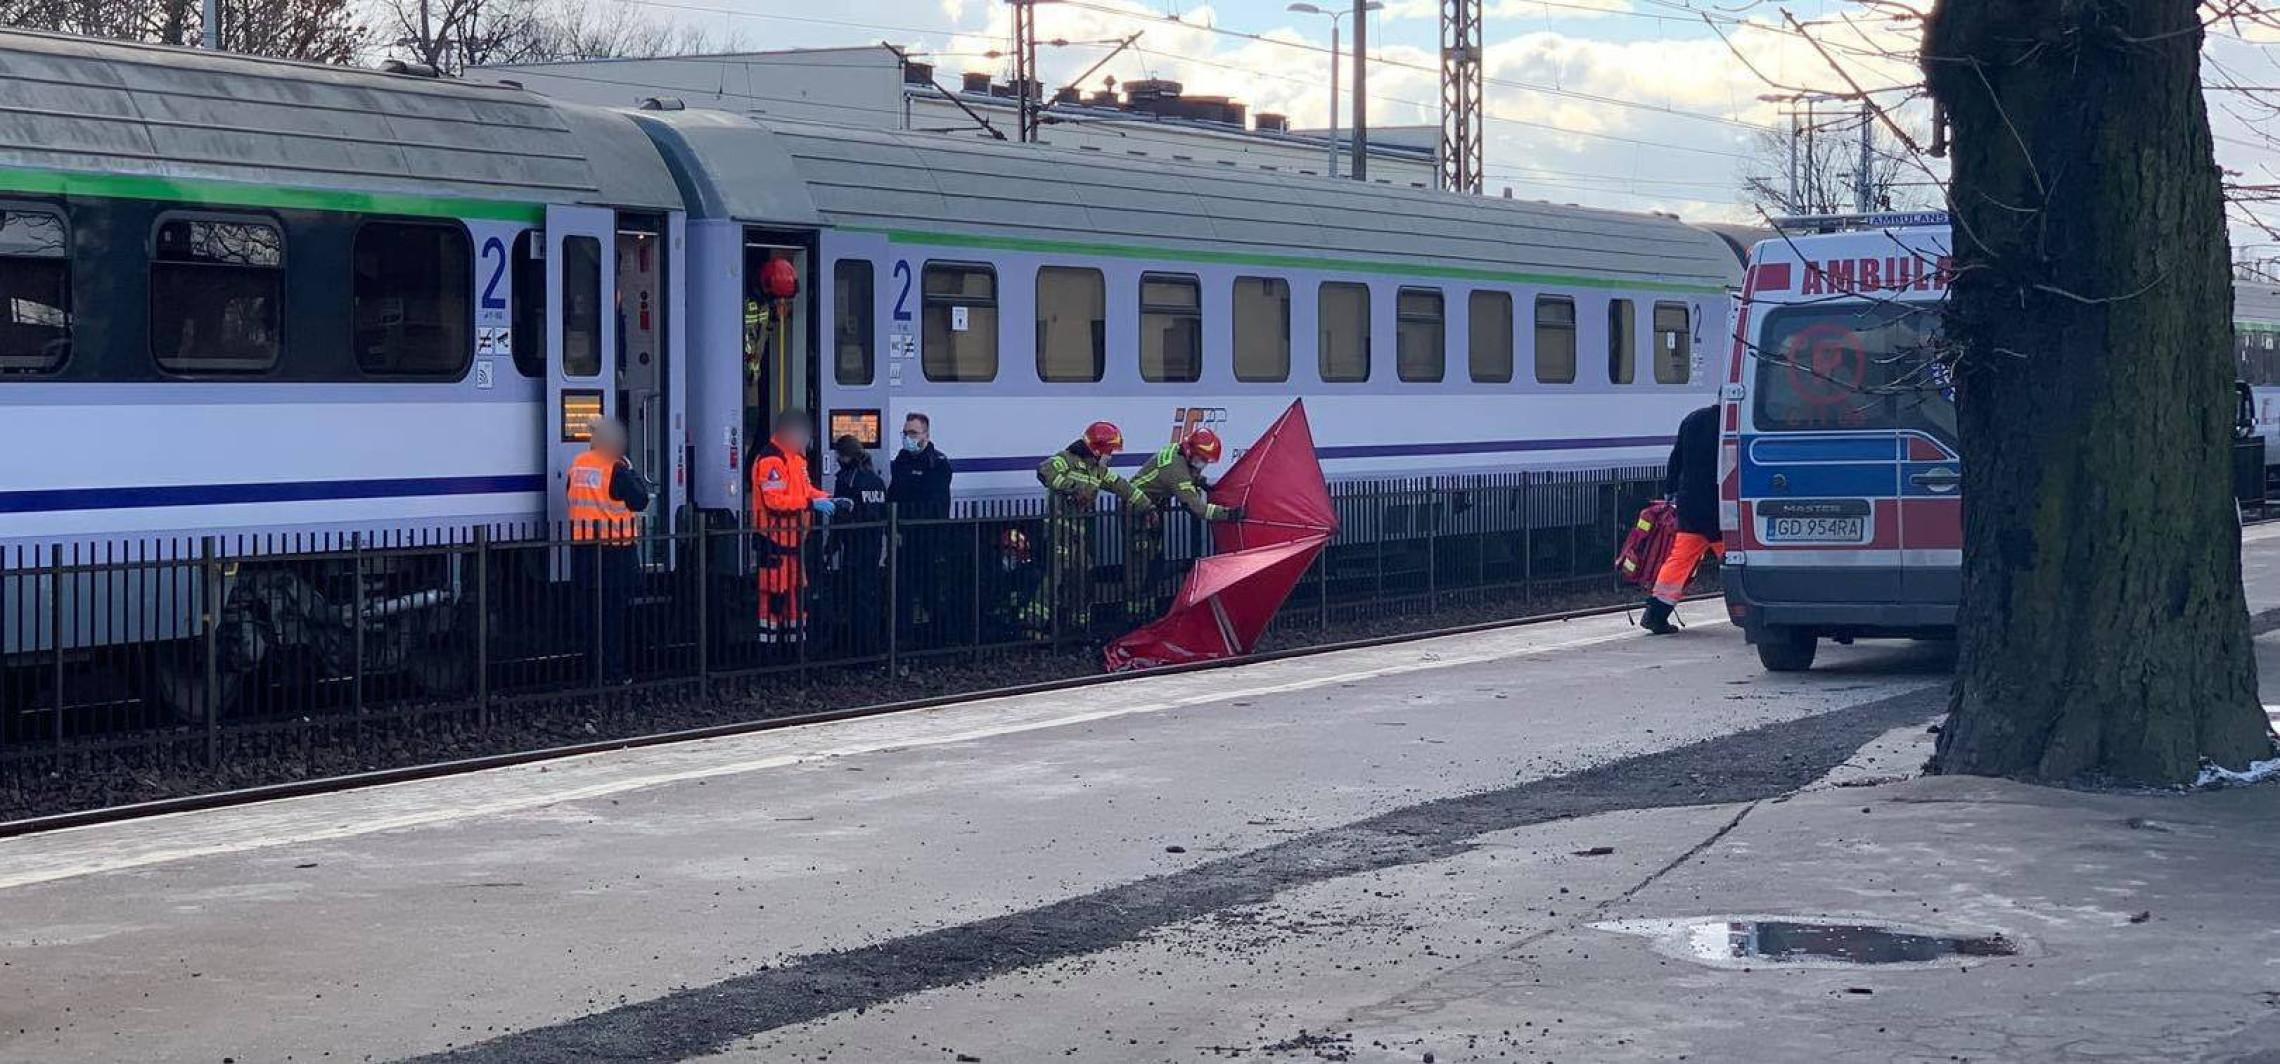 Inowrocław - Tragedia na dworcu. Mężczyzna pod pociągiem